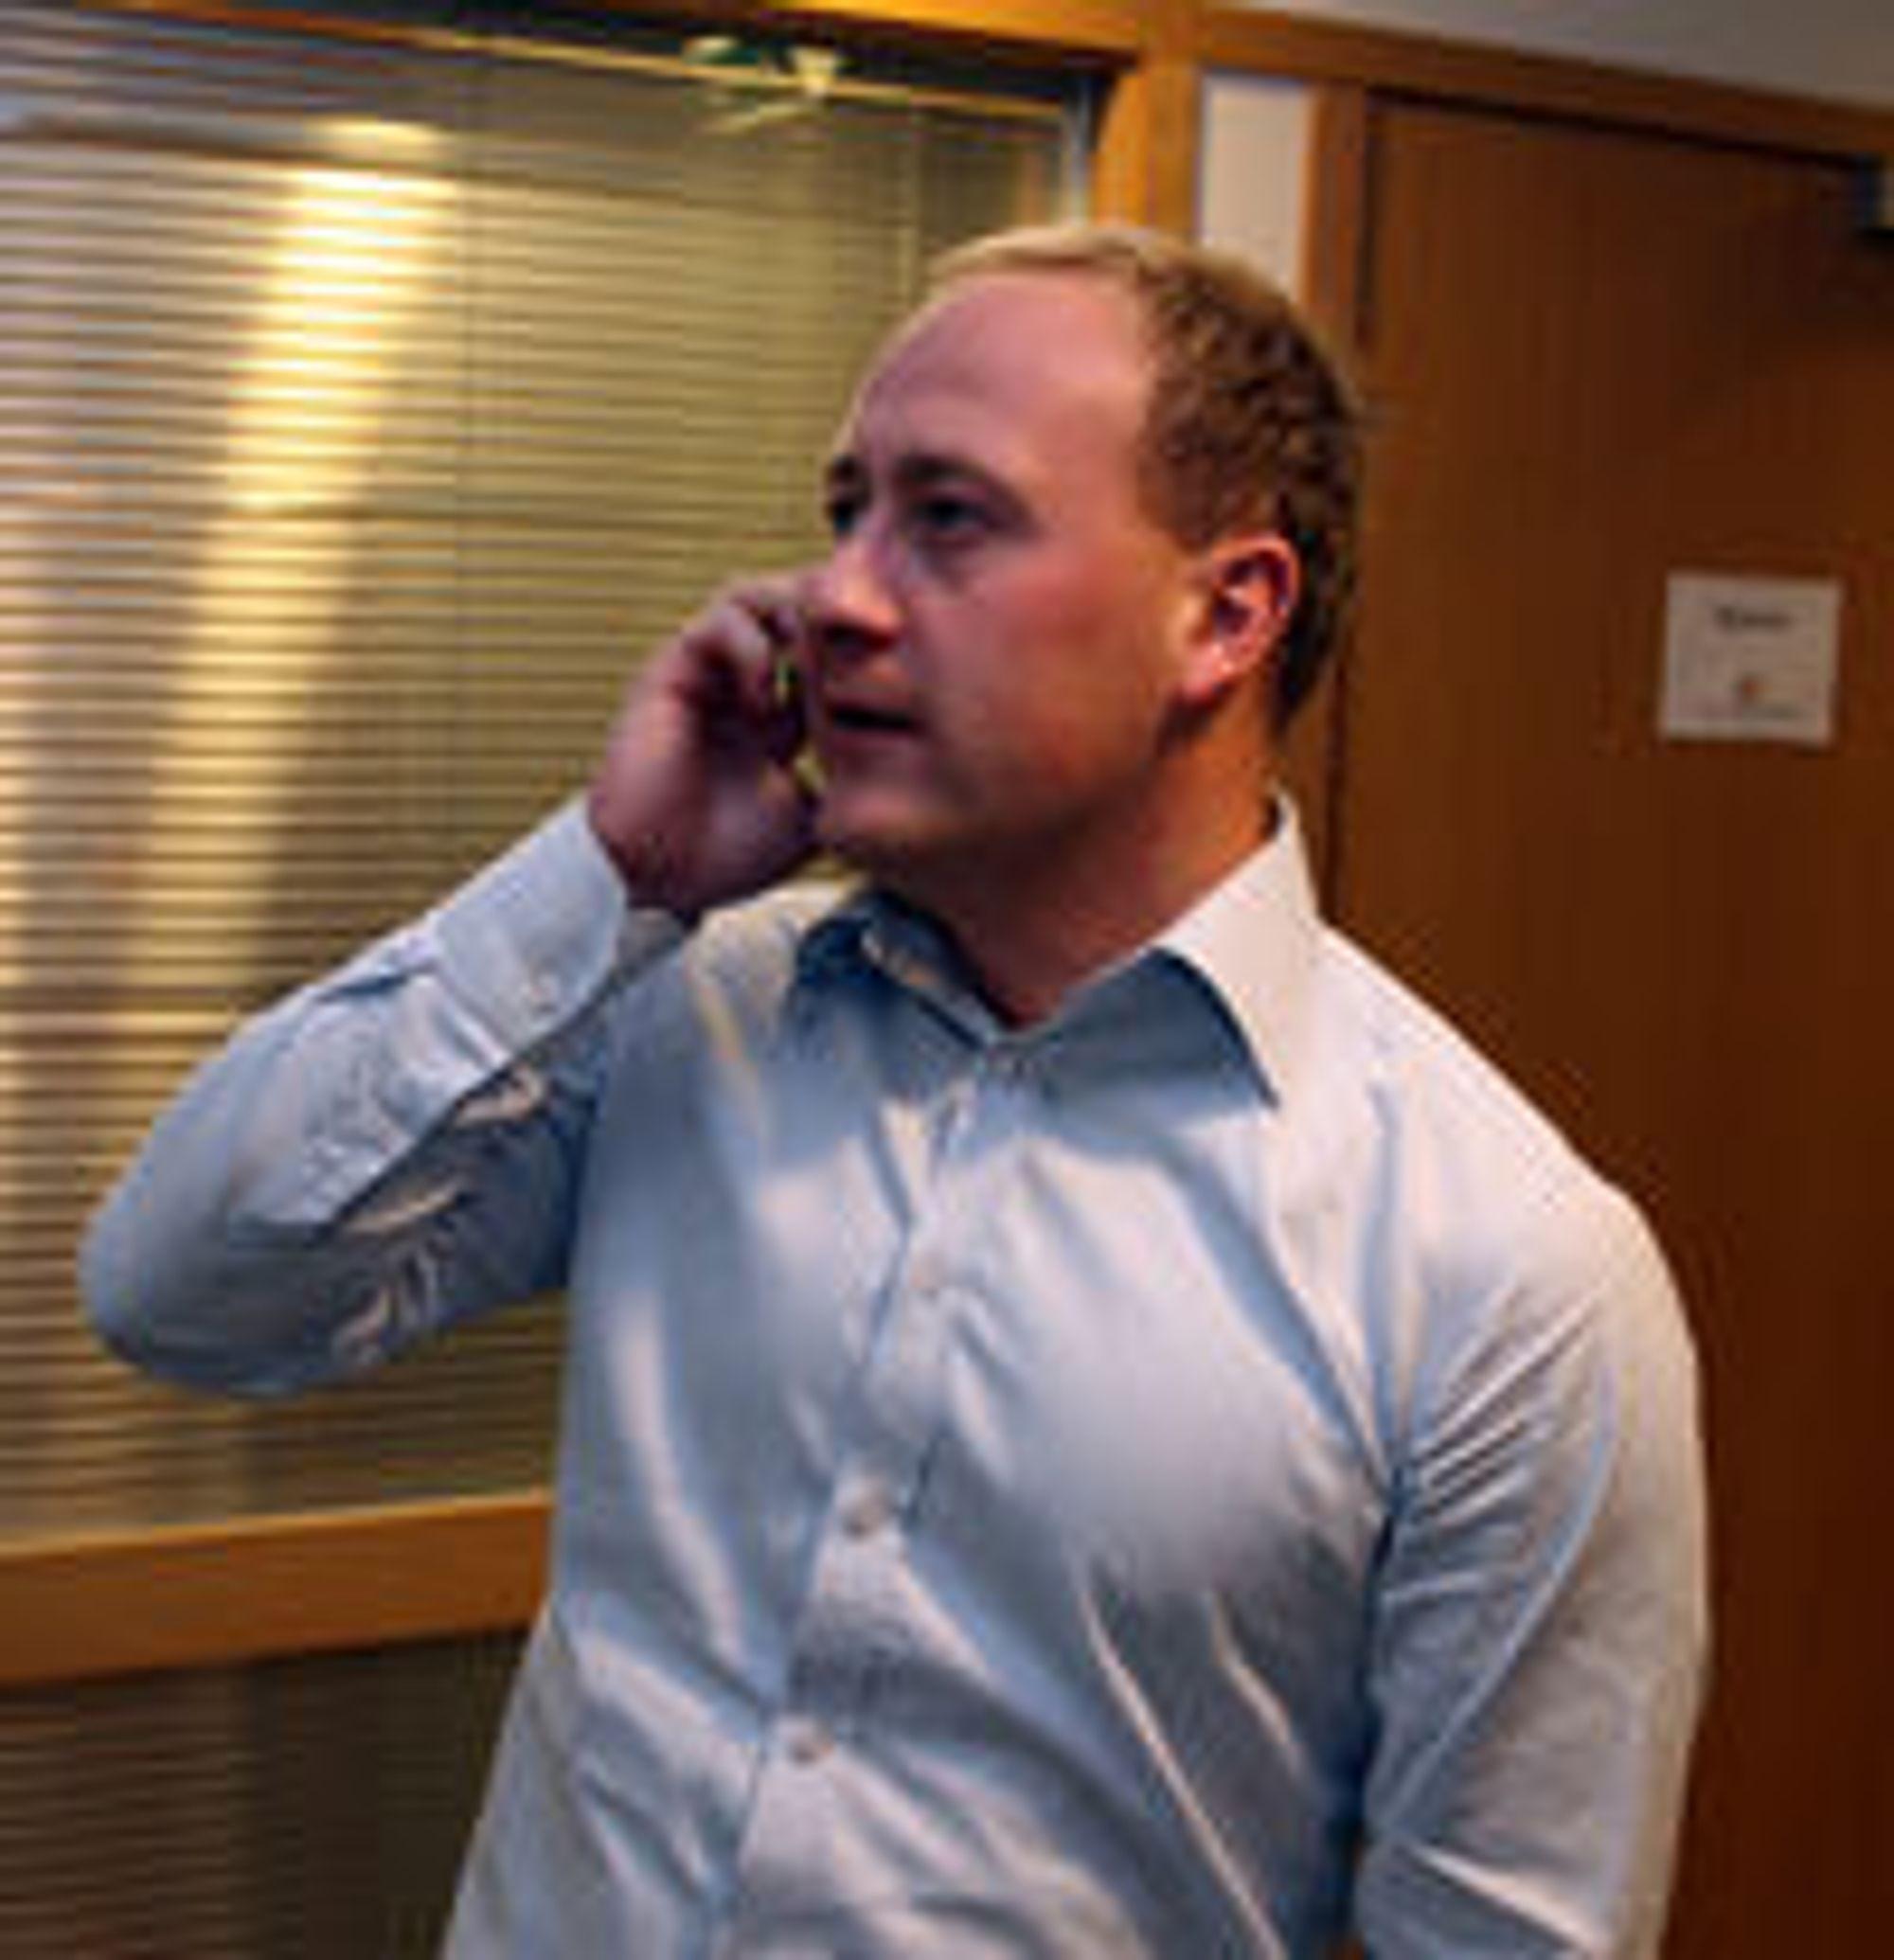 - Feilen inntraff under planlagt oppgradering av en sentral i Oslo, sier Øyvind Vederhus i Netcom.